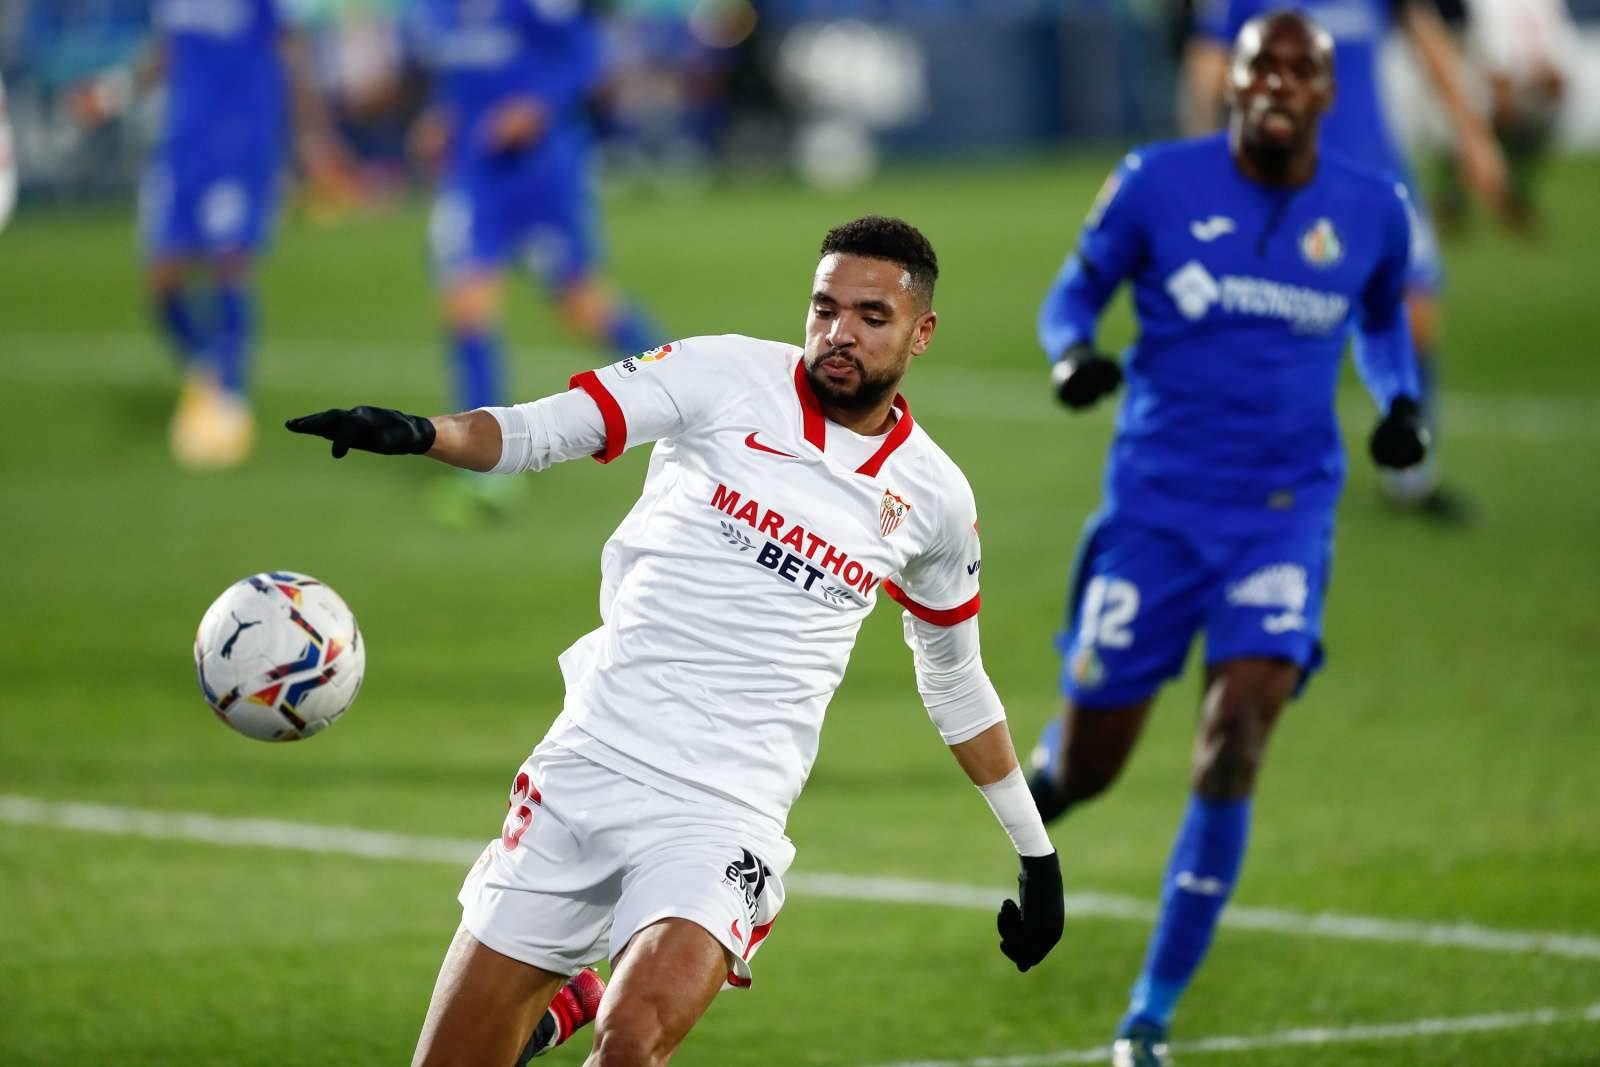 Хет-трик Эн-Несири позволил «Севилье» обыграть «Реал Сосьедад»